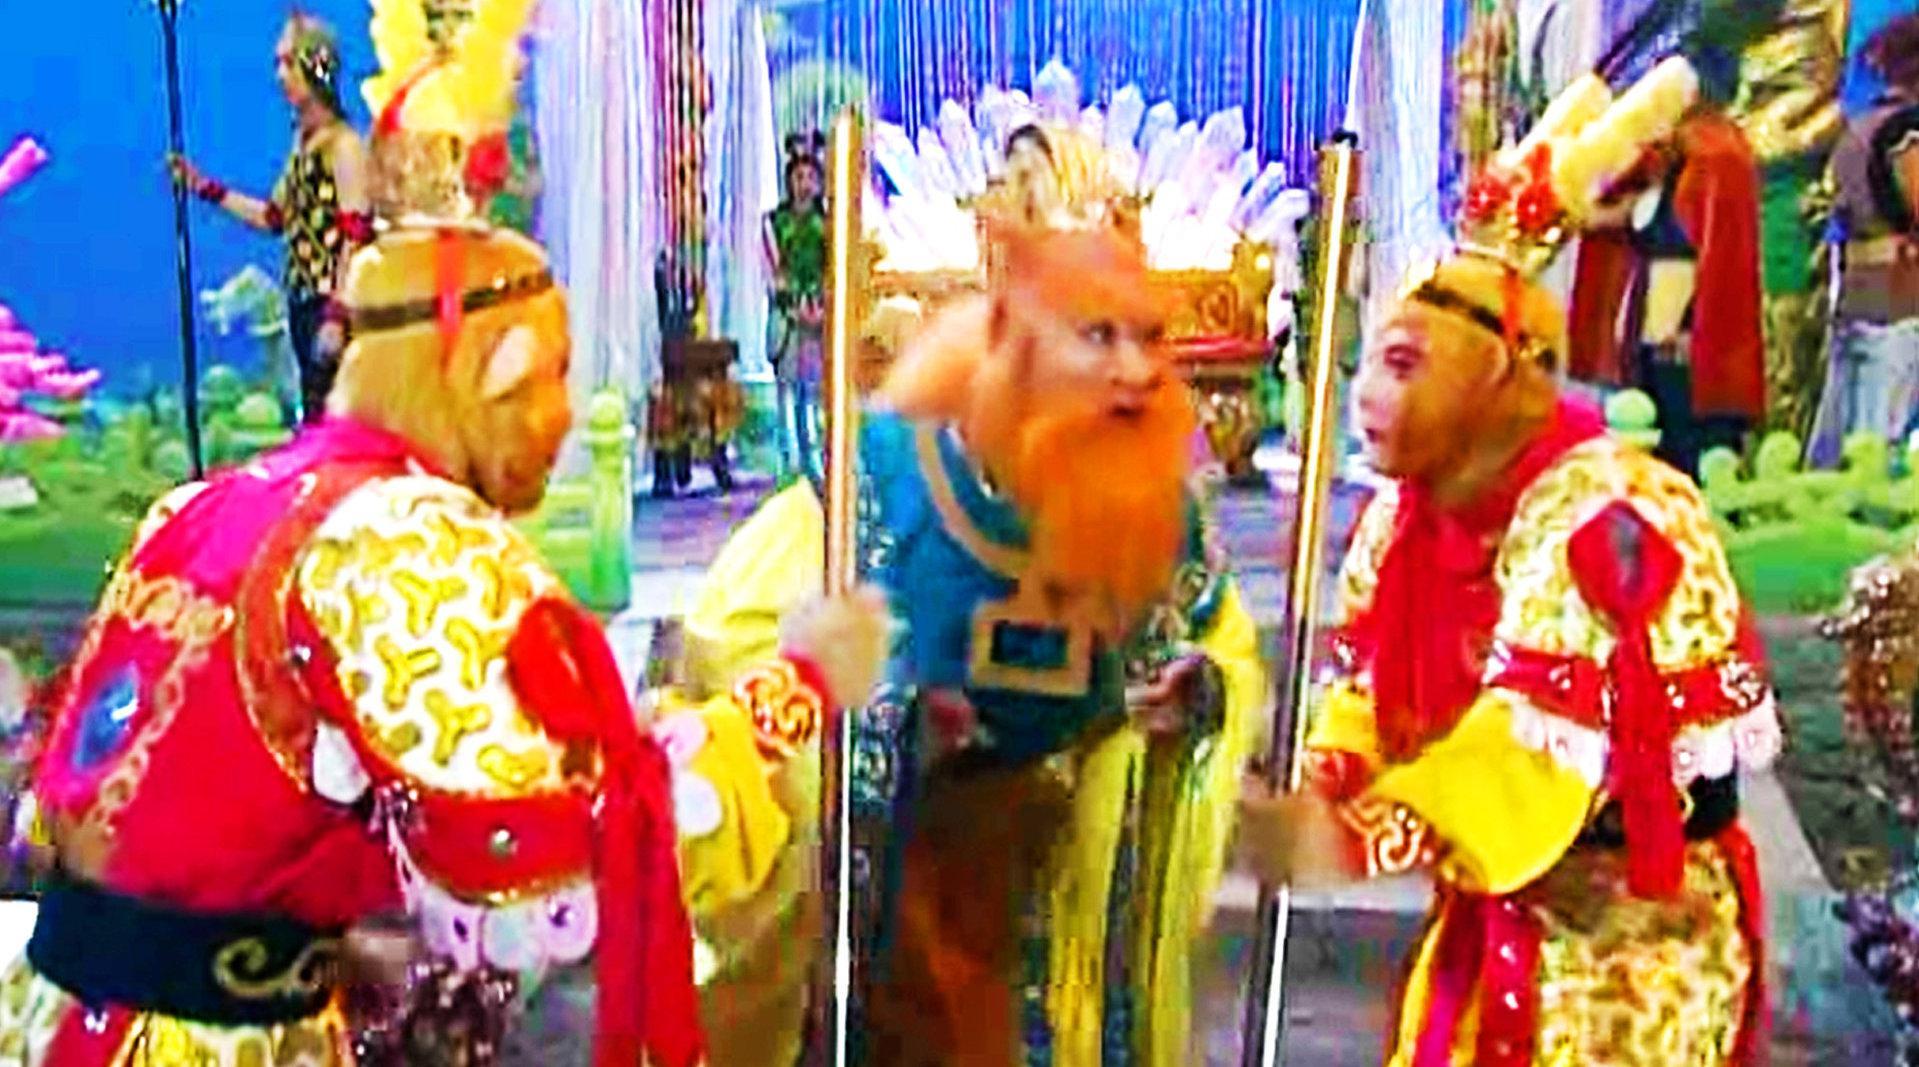 孙悟空武器叫金箍棒,六耳猕猴武器叫啥?龙王为何分不出真假?